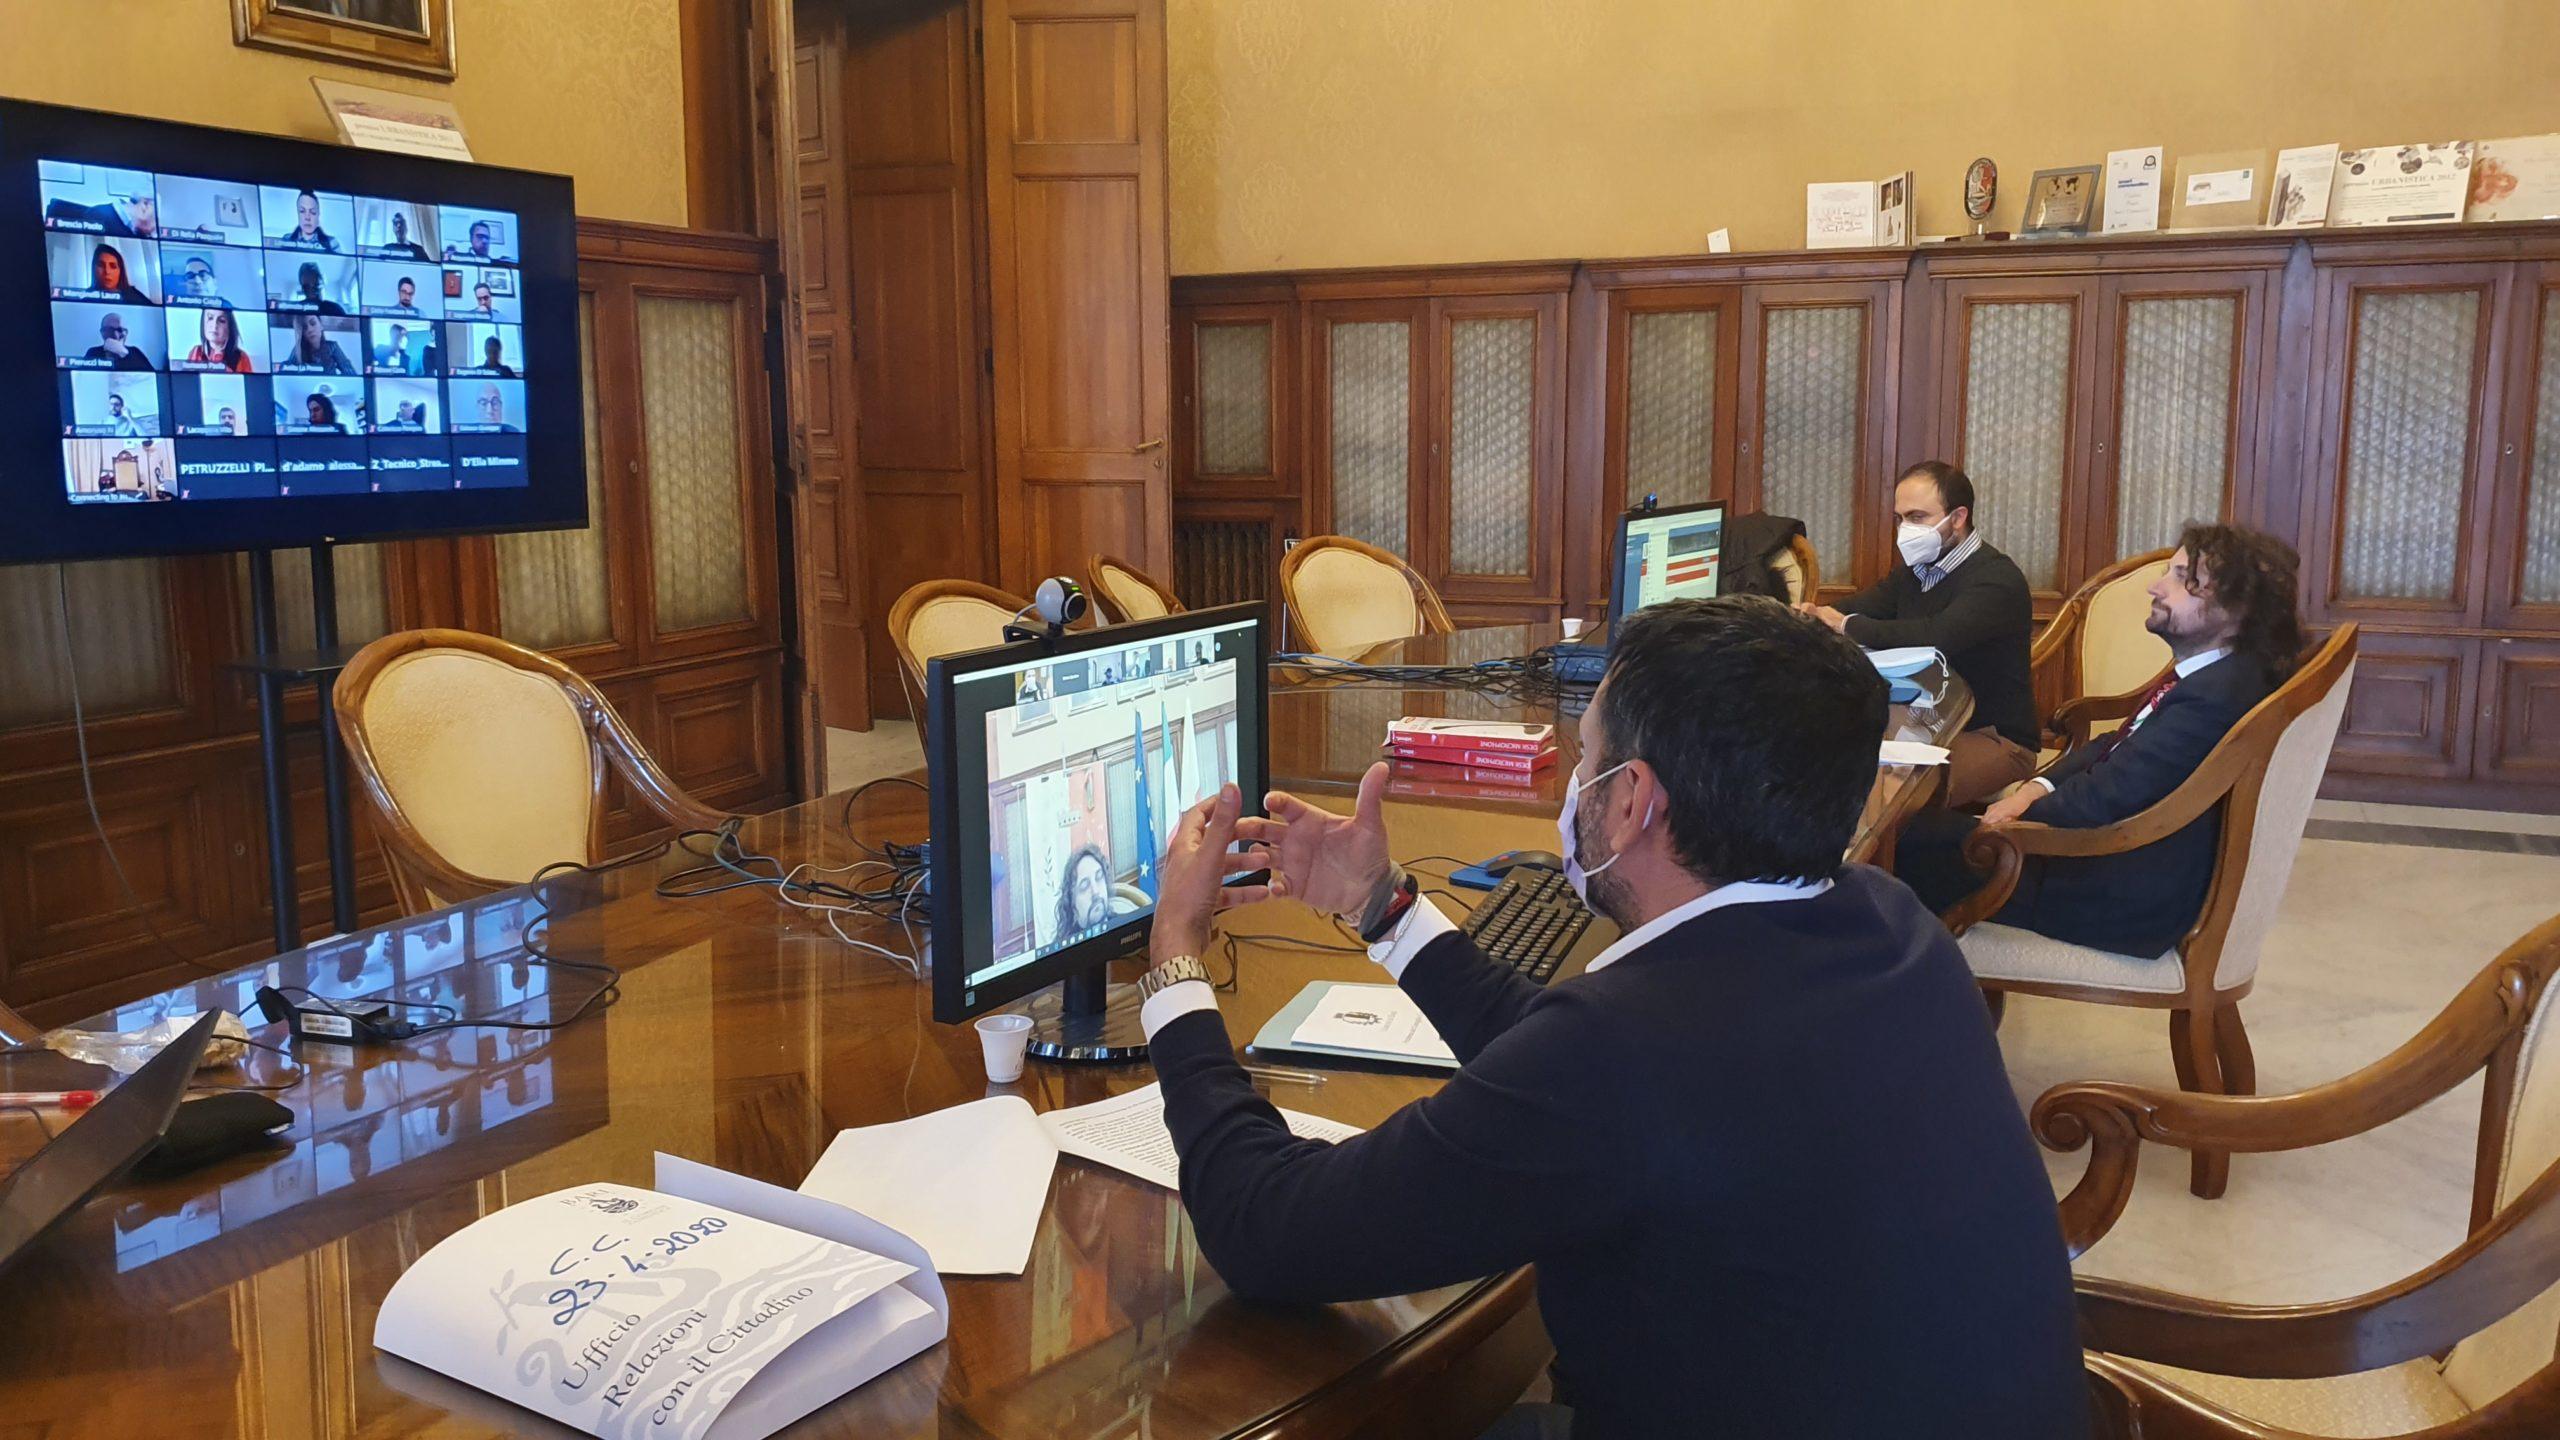 Carbonara Di Bari Storia bari, il consiglio comunale approva la riqualificazione